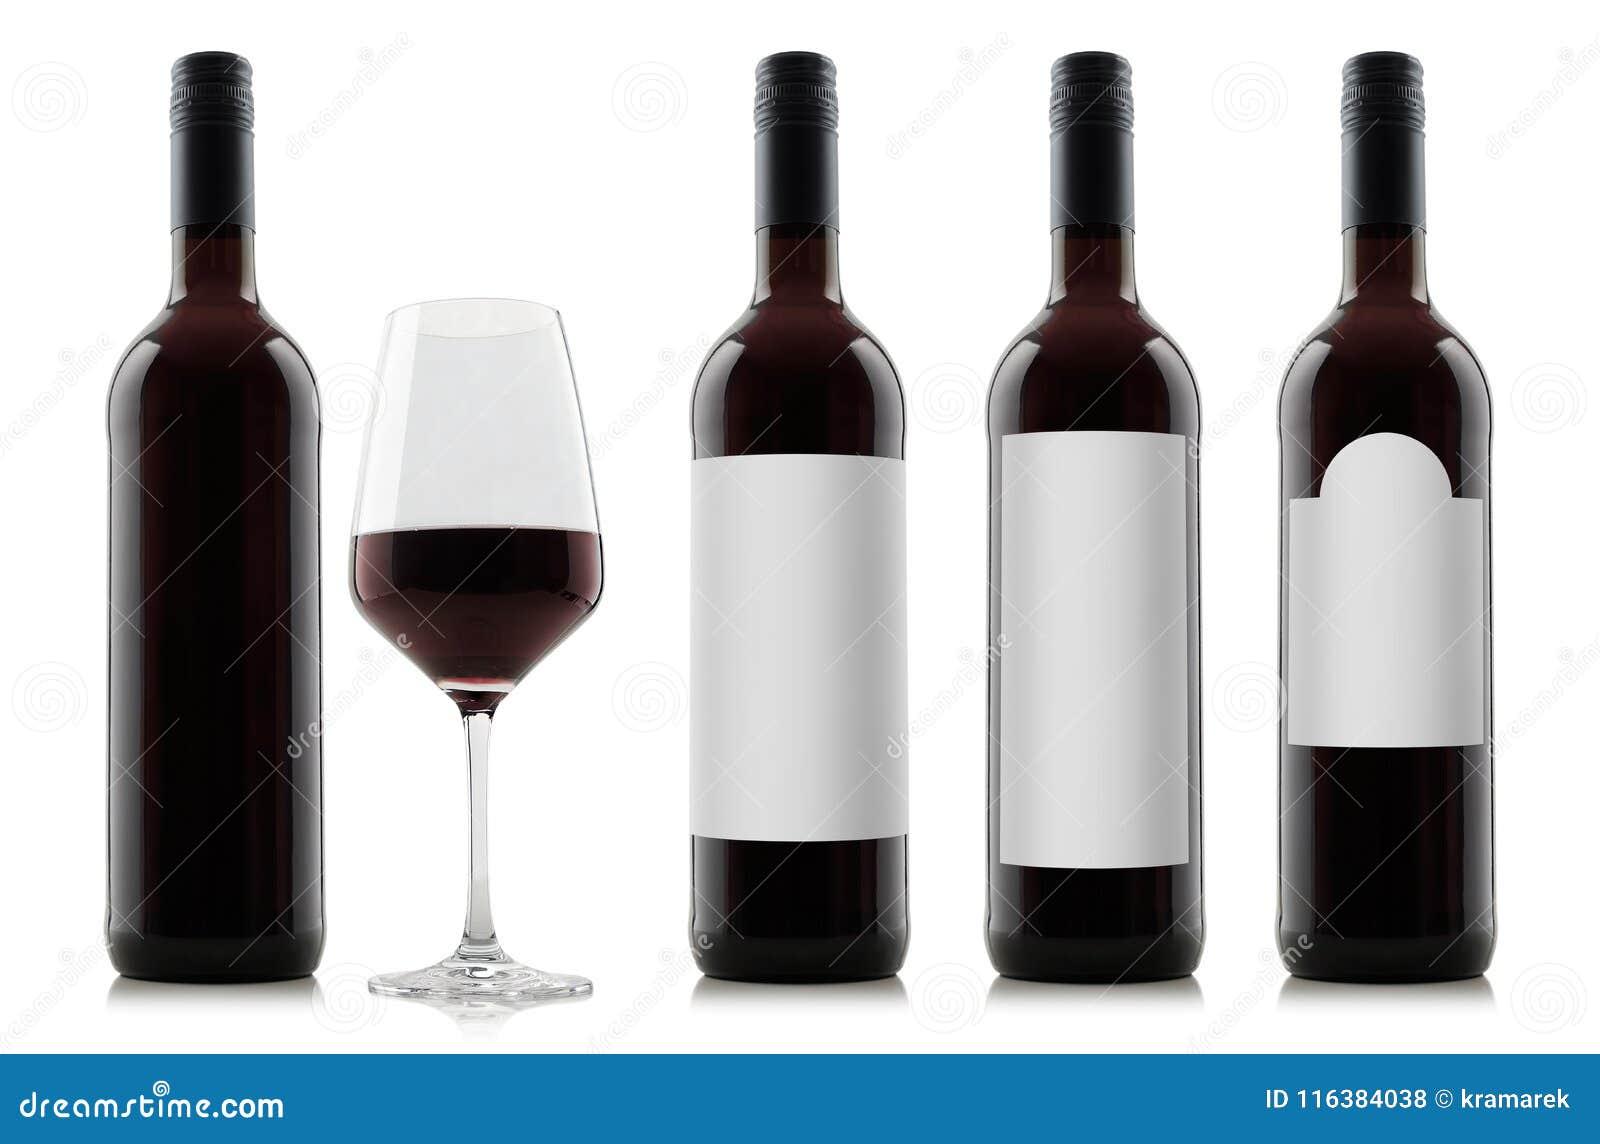 Modell von Rotweinflaschen mit leeren Weißaufklebern und von Glas Wein